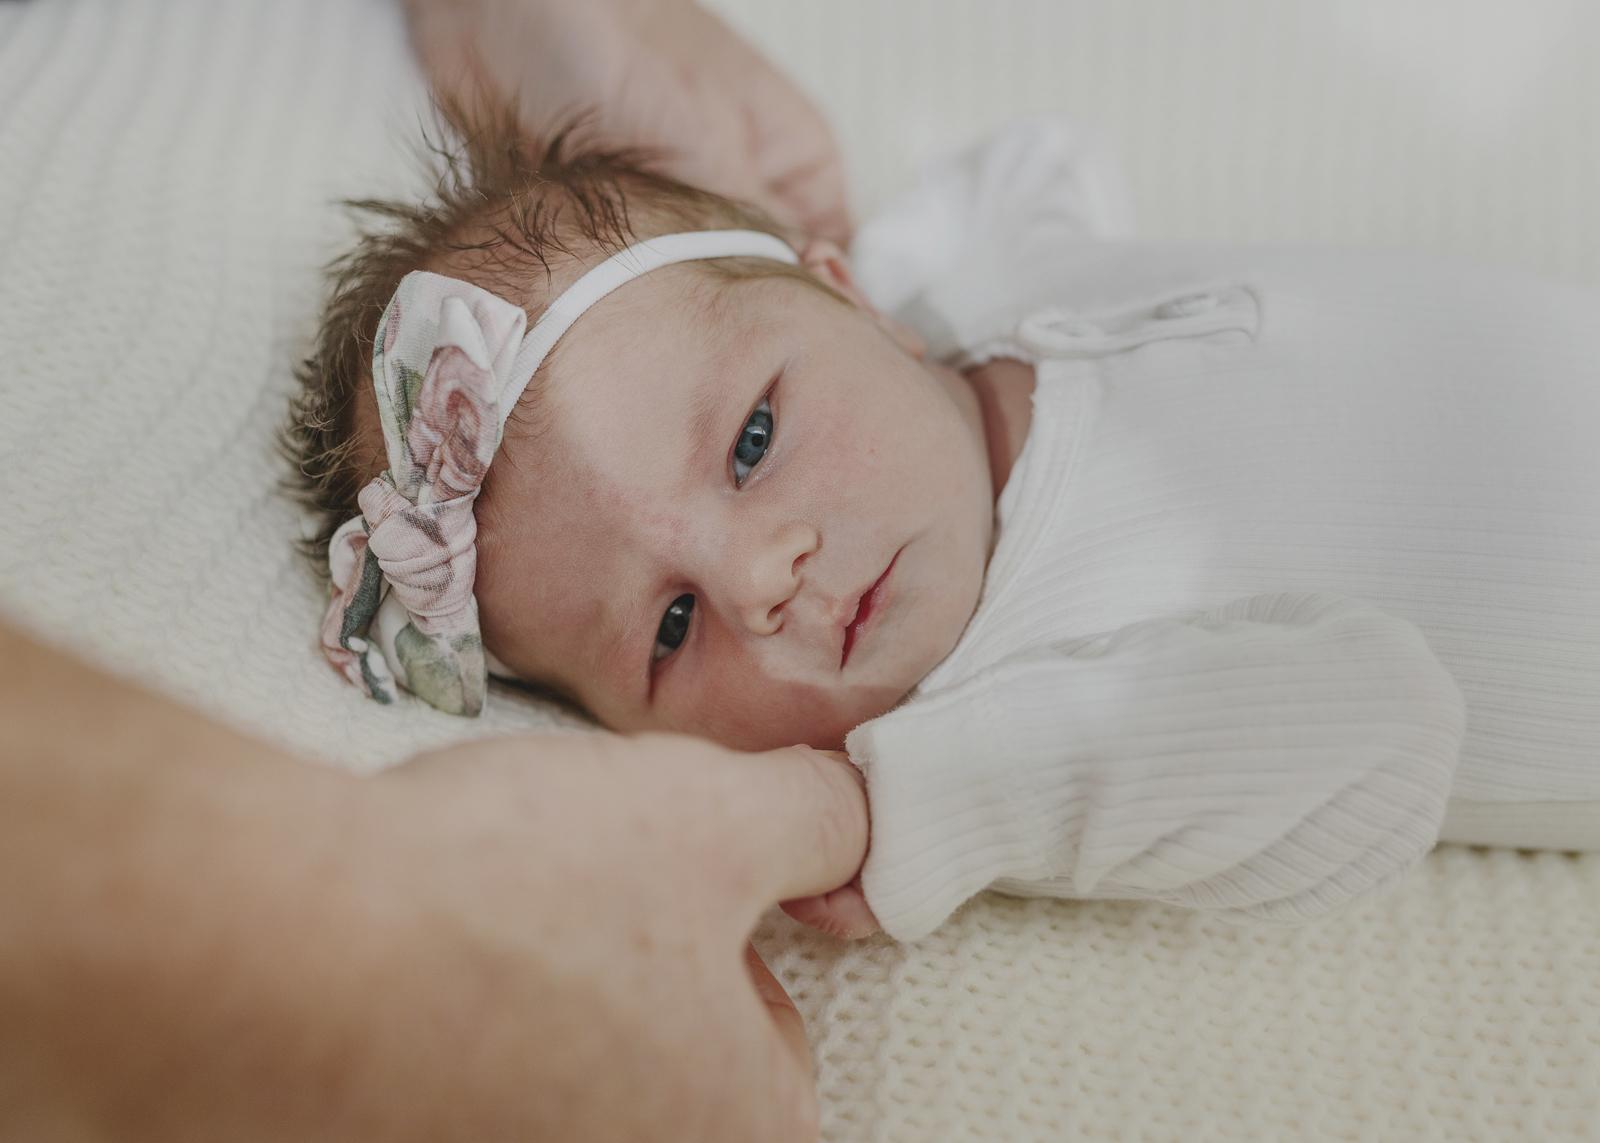 Newborn Baby Girl's Tiny details